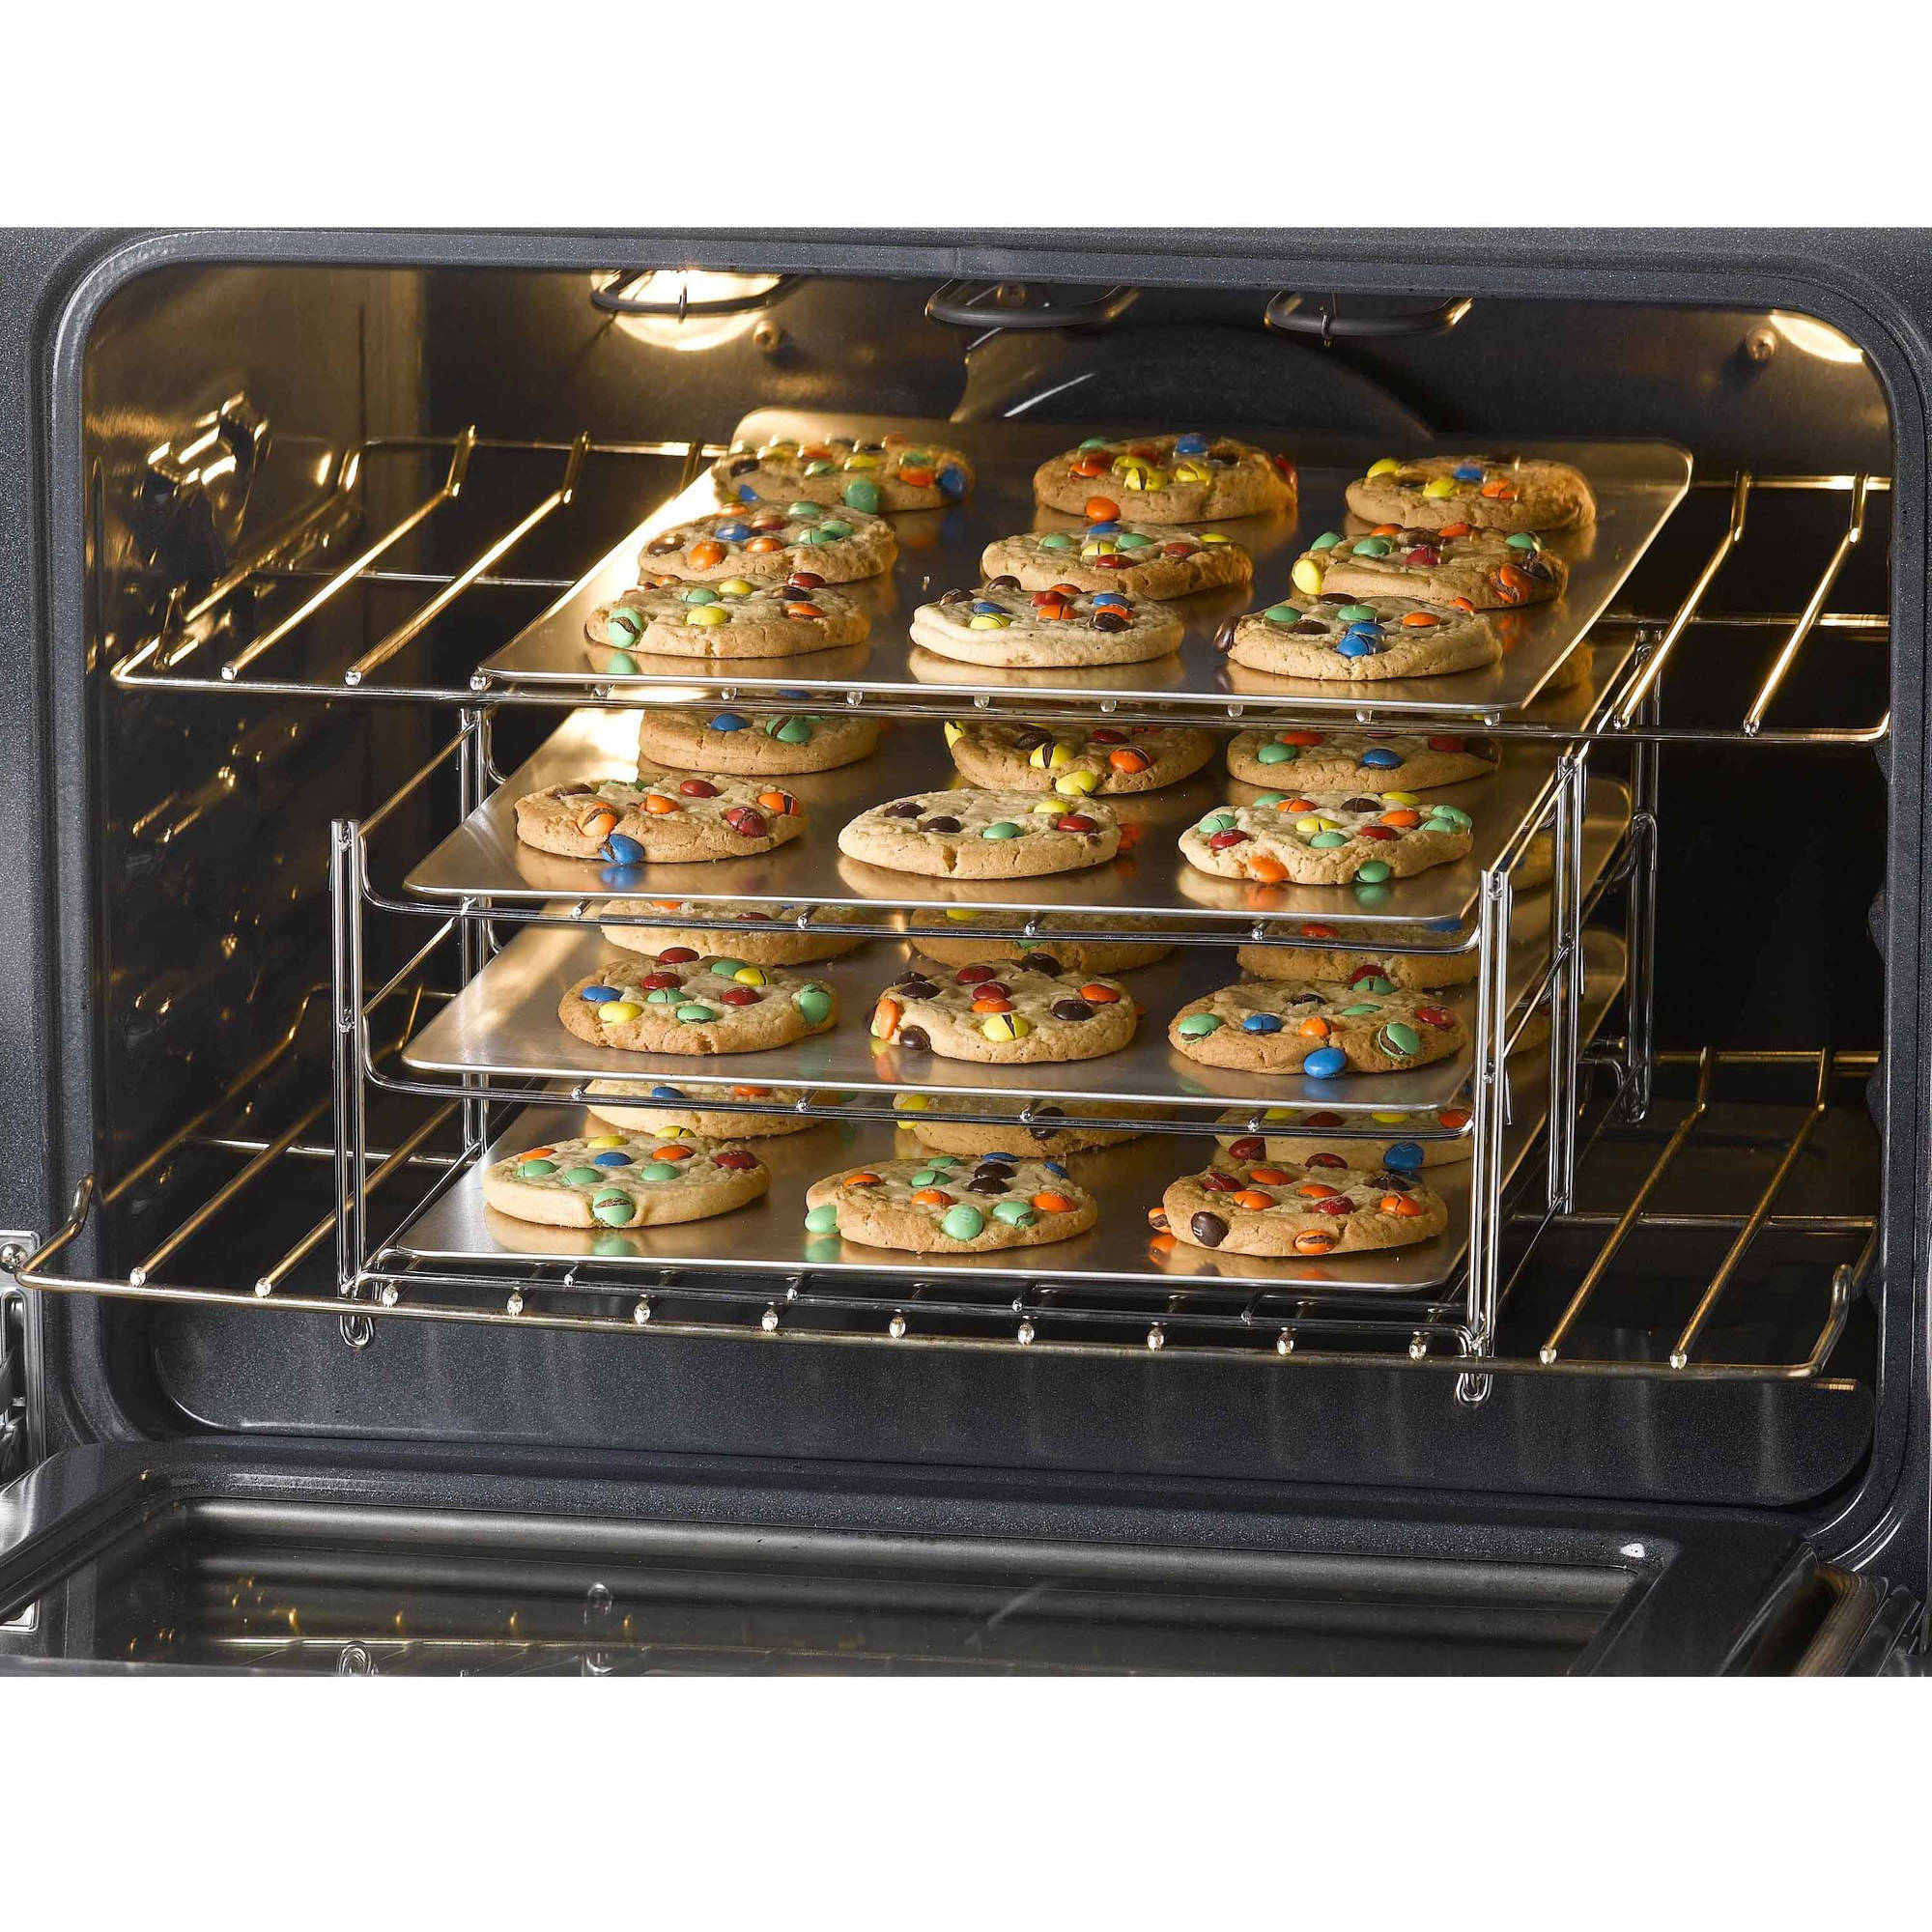 Betty Crocker Oven Baking Rack Walmartcom